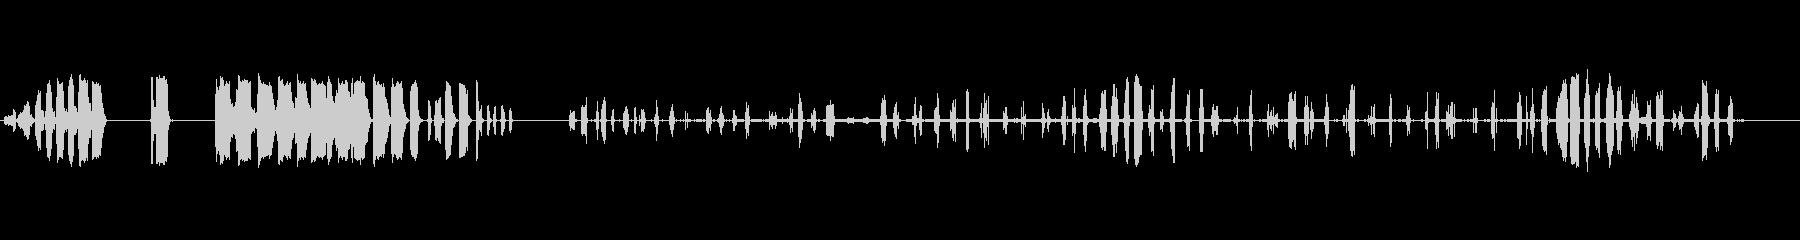 猿、動物、猿1の未再生の波形